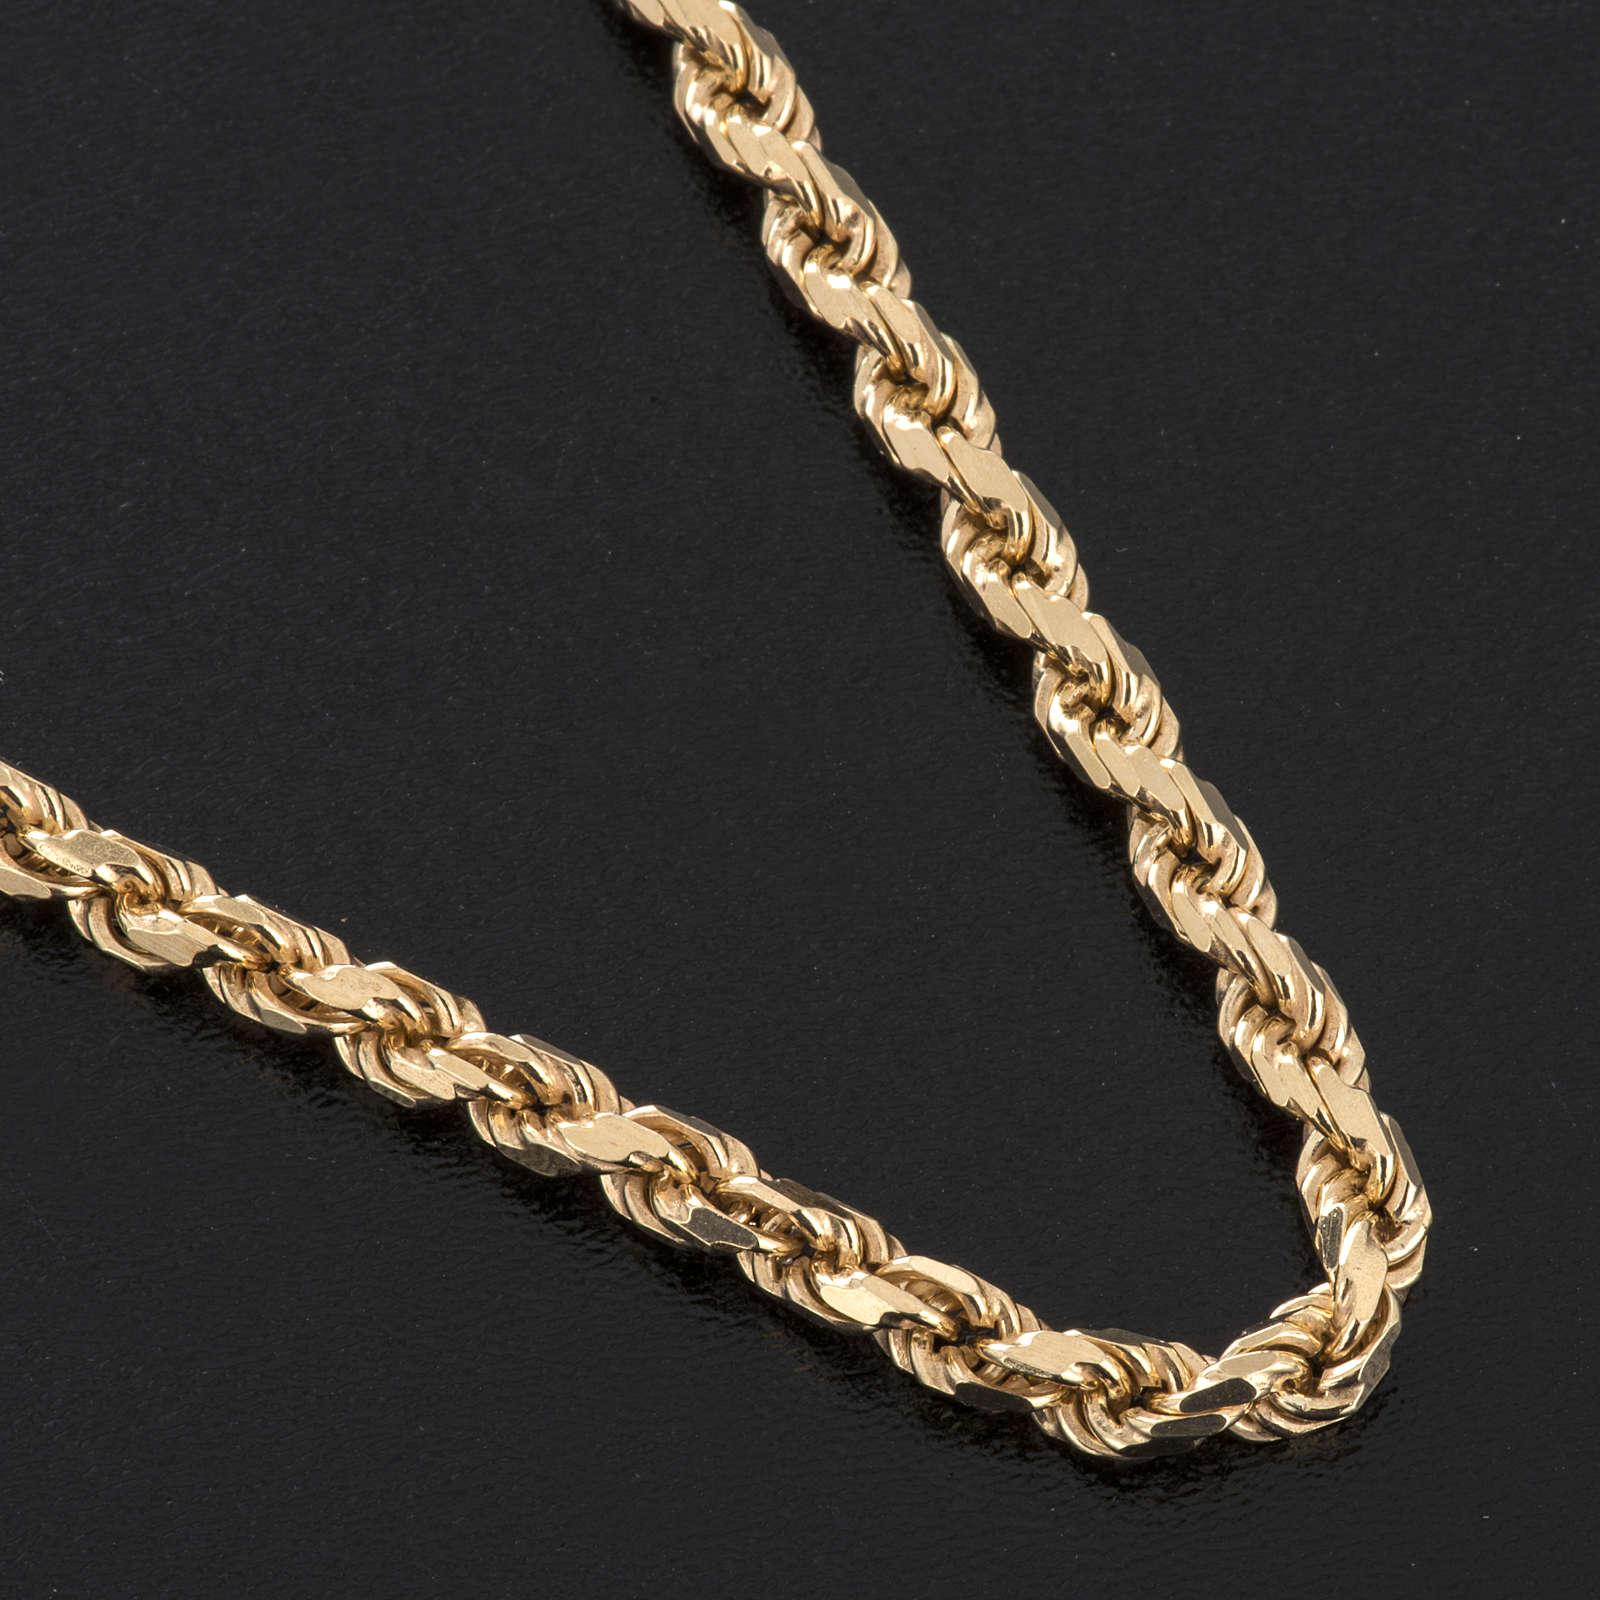 Łańcuch krzyża pektoralnego srebro 925 złocony 3